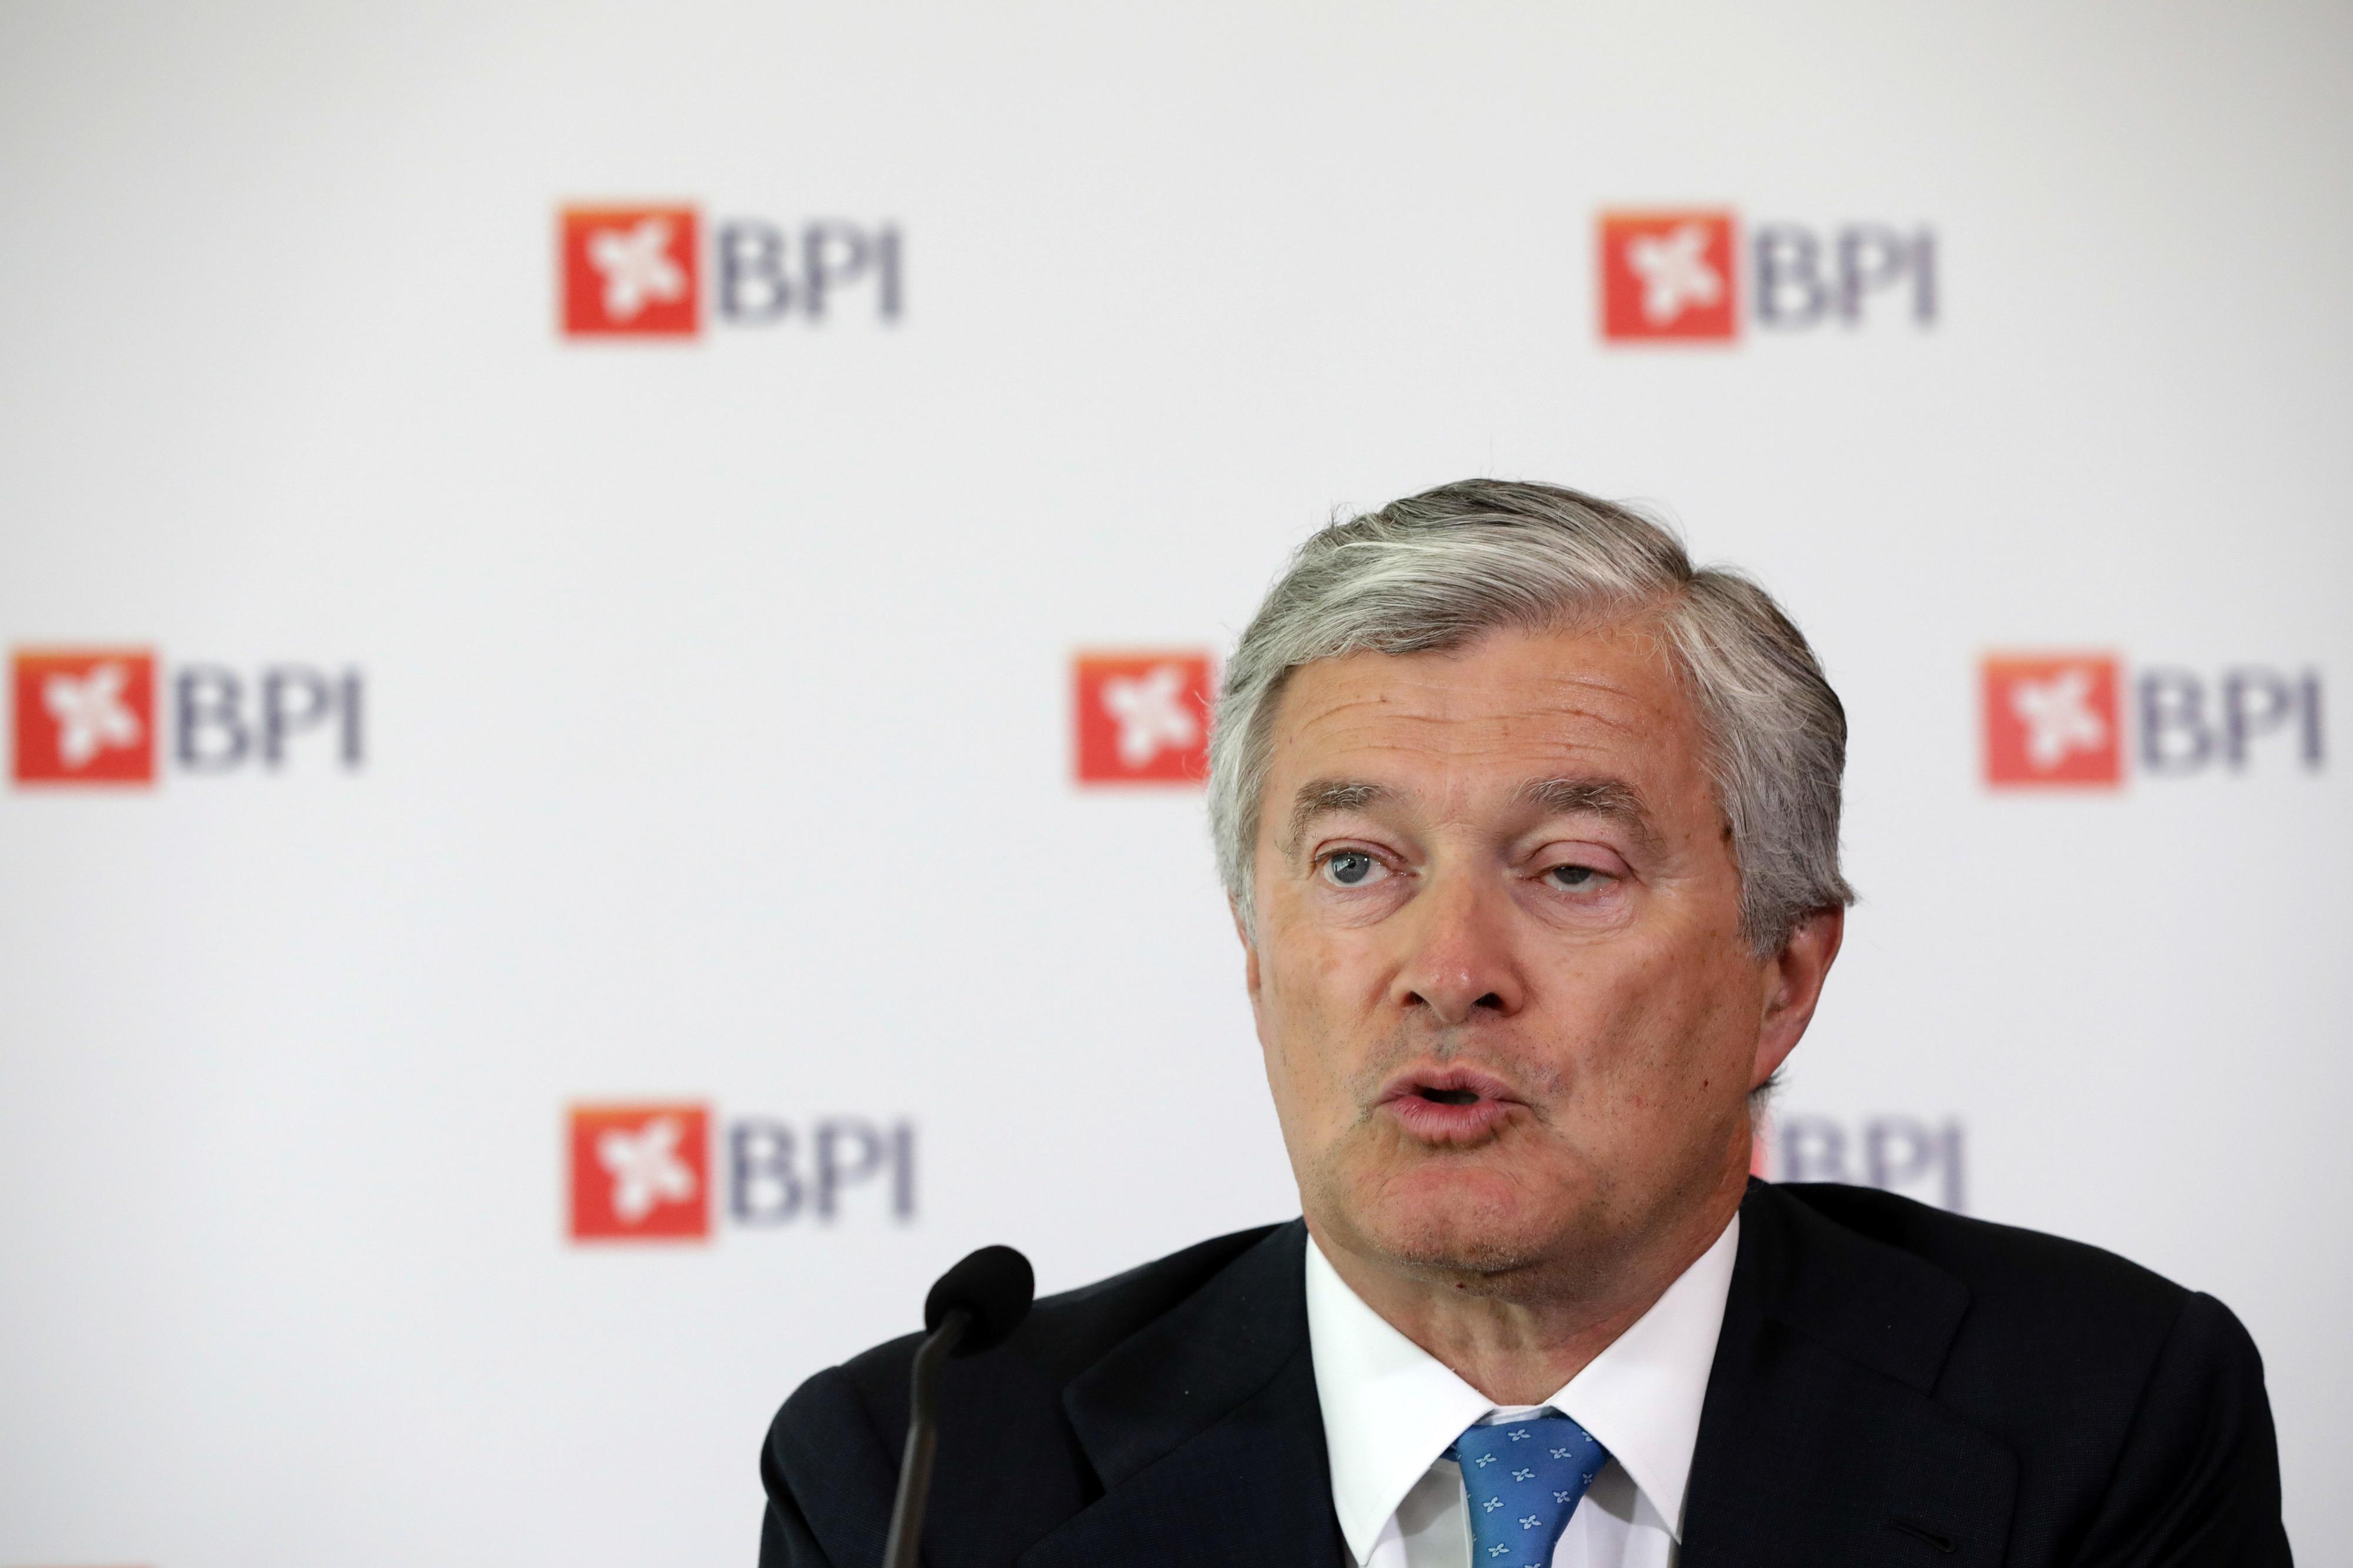 Presidente do BPI diz que trabalha para pagar dividendos mas sem se comprometer com data